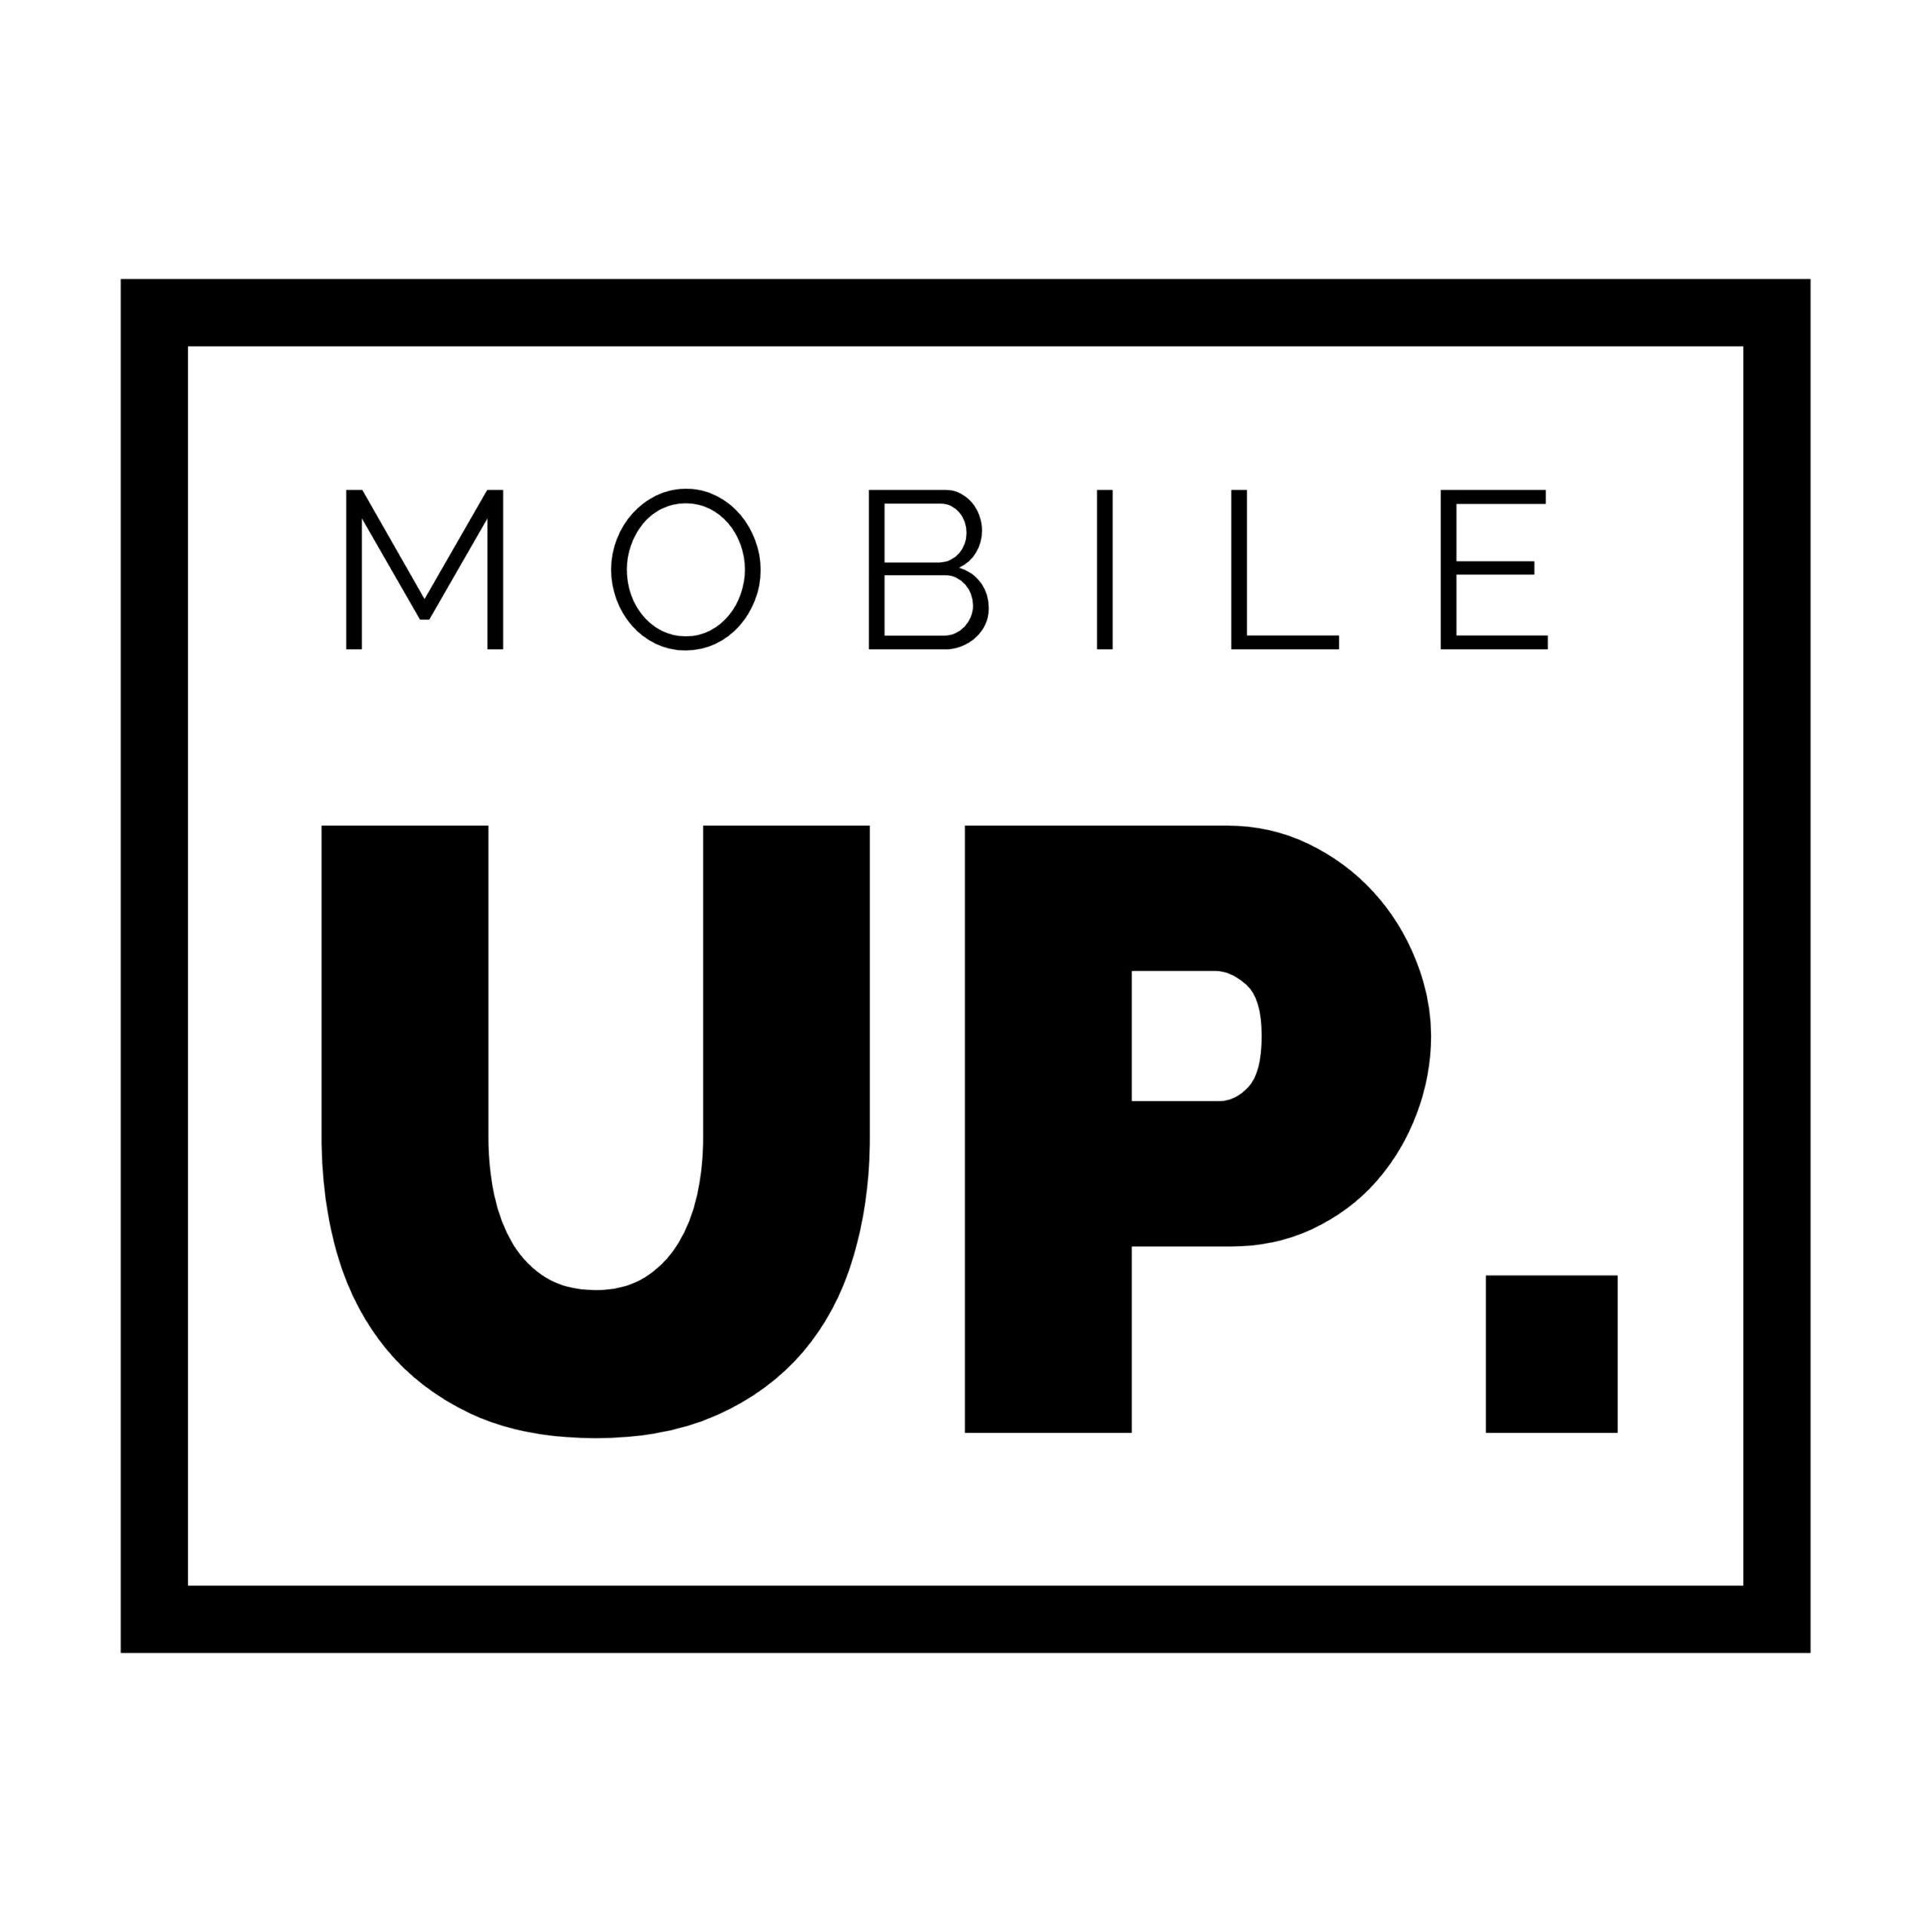 mobileup